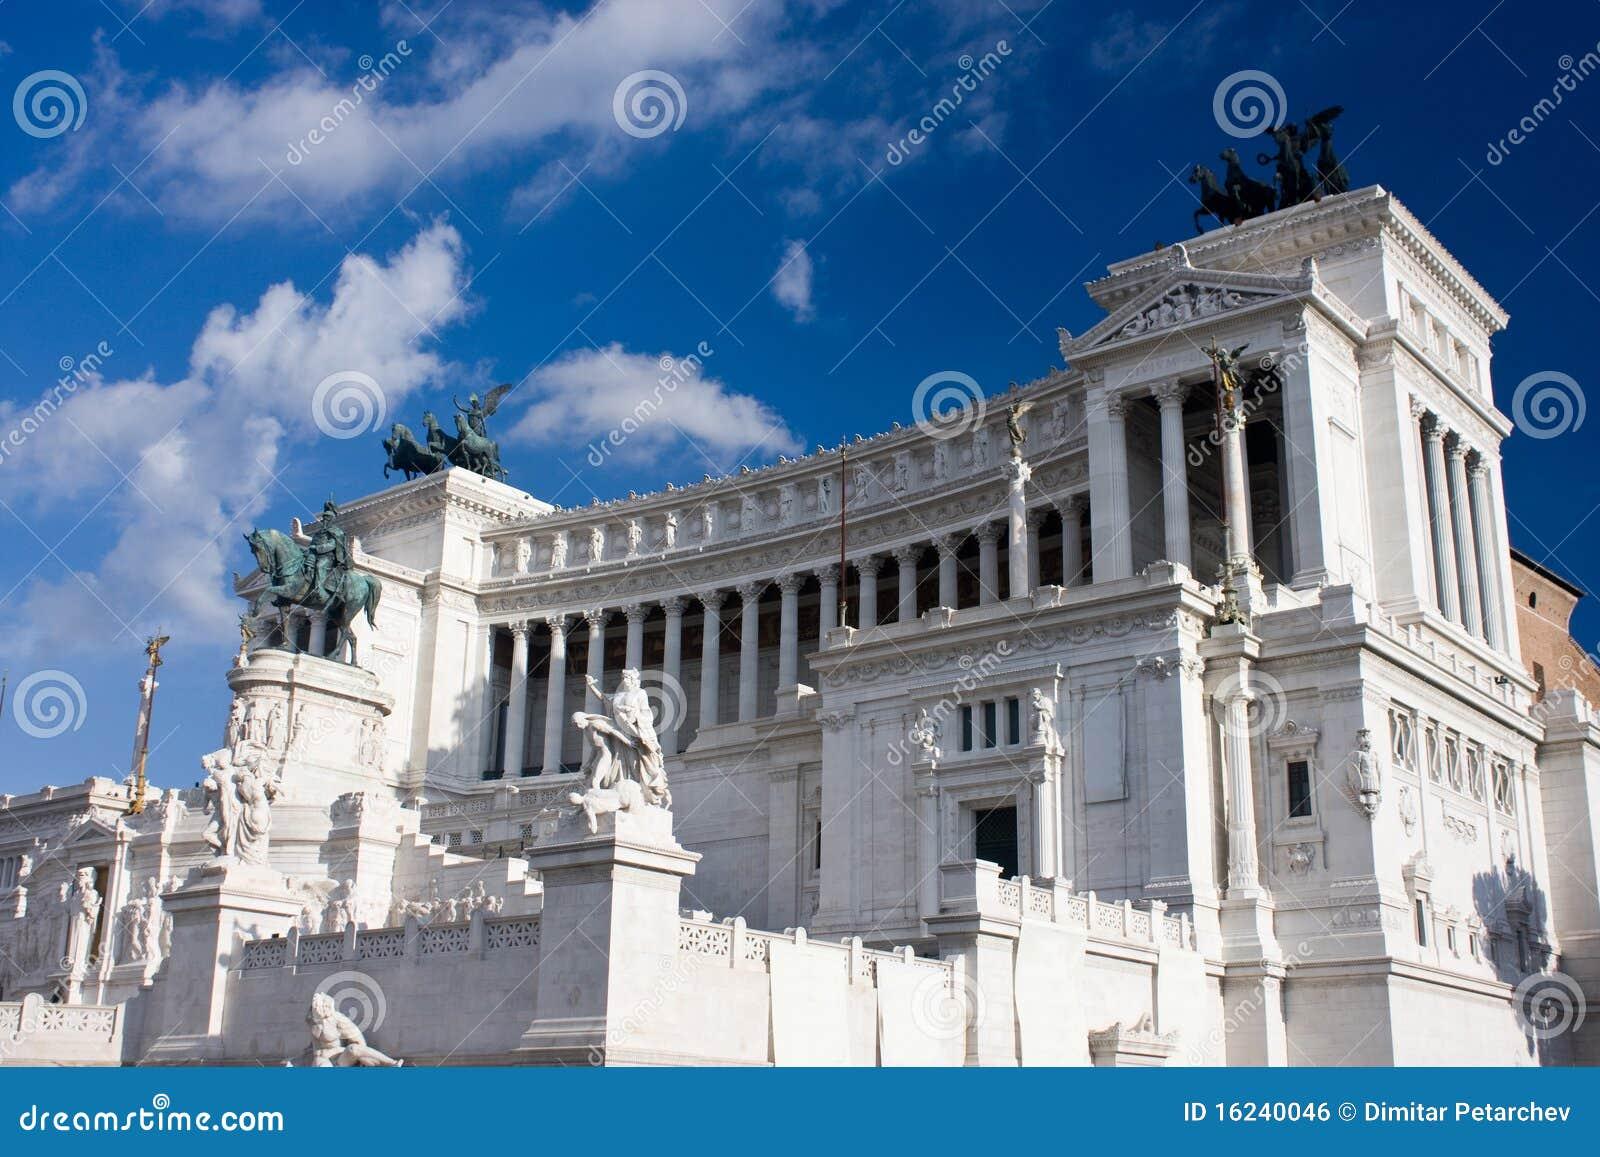 Il parlamento di roma fotografia stock immagine di for Parlamento italiano storia